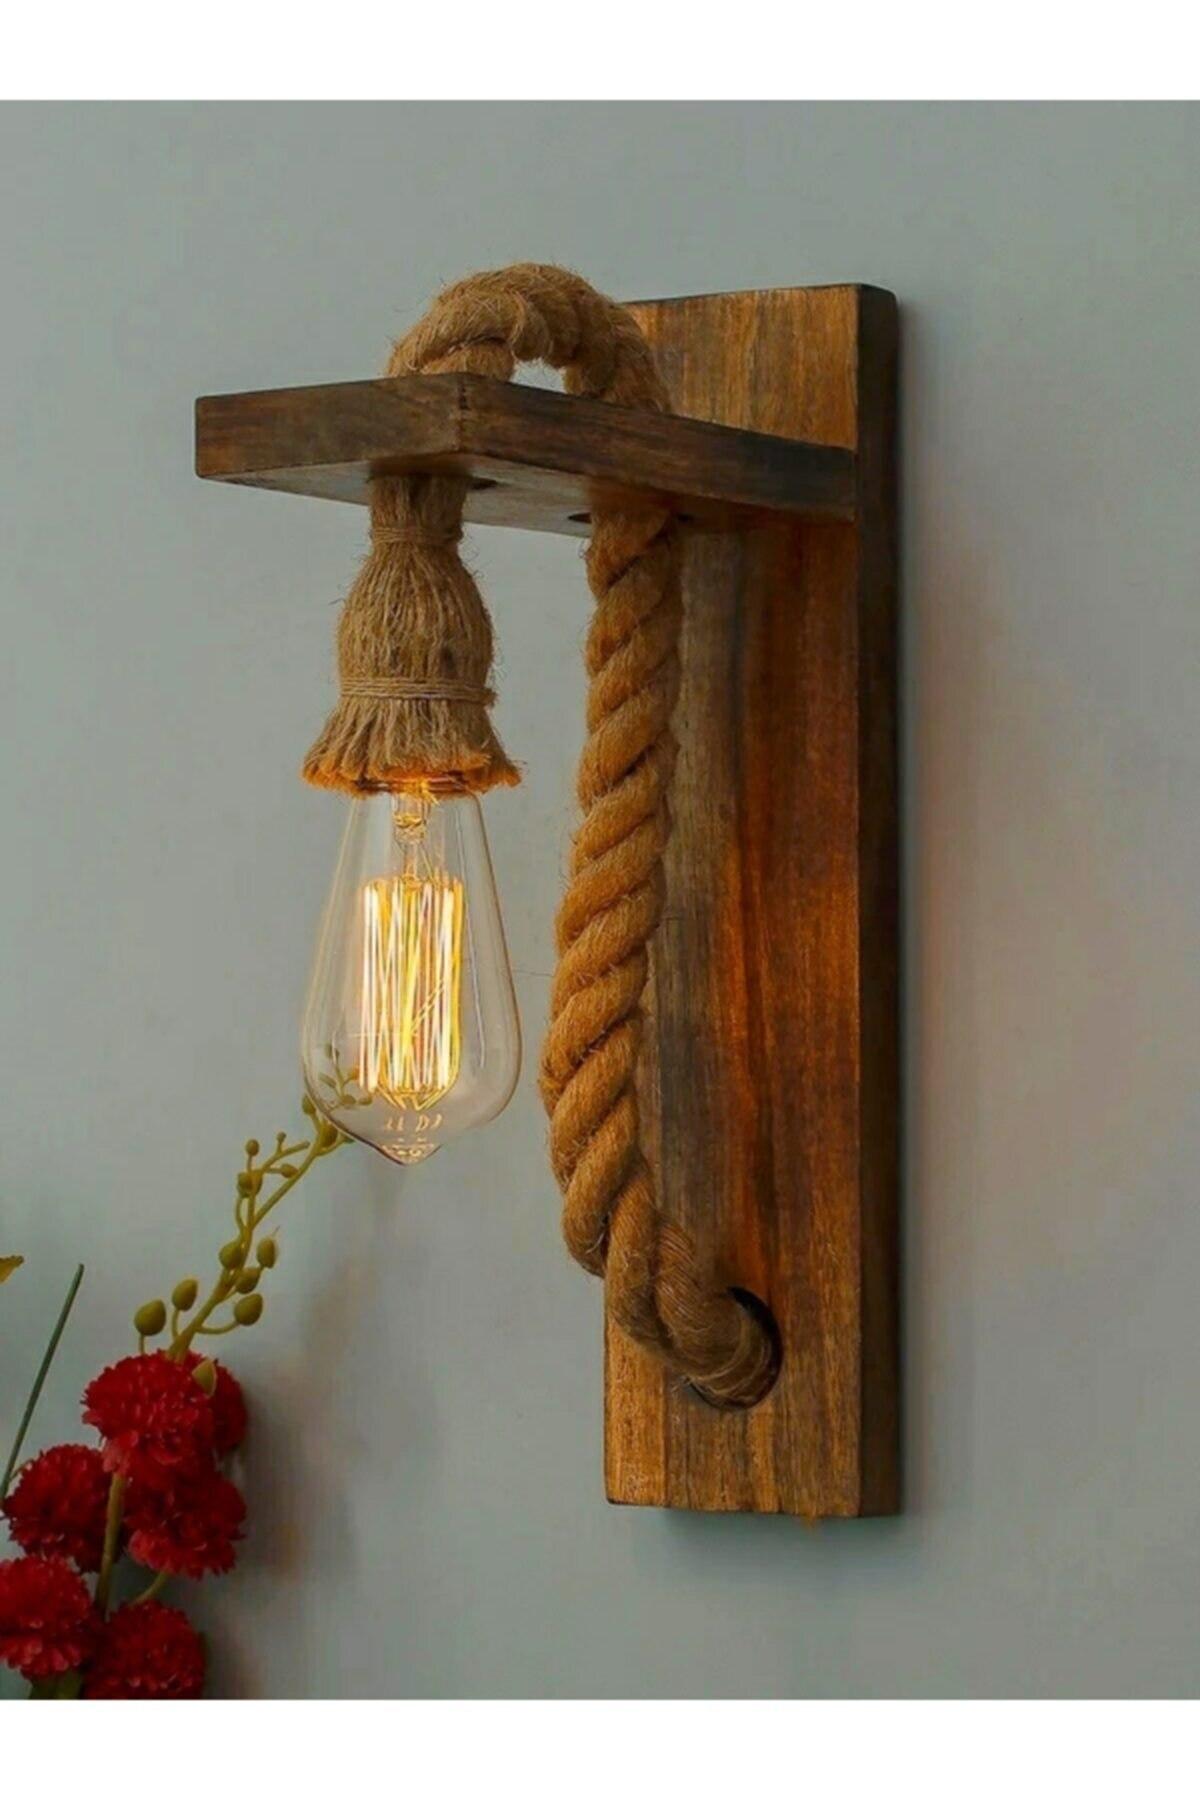 Lustre-bois-cordé-rustique-applique murale-support de lampe E.27-aspect Naturel et esthétique-éclairage maison-lampe décorative